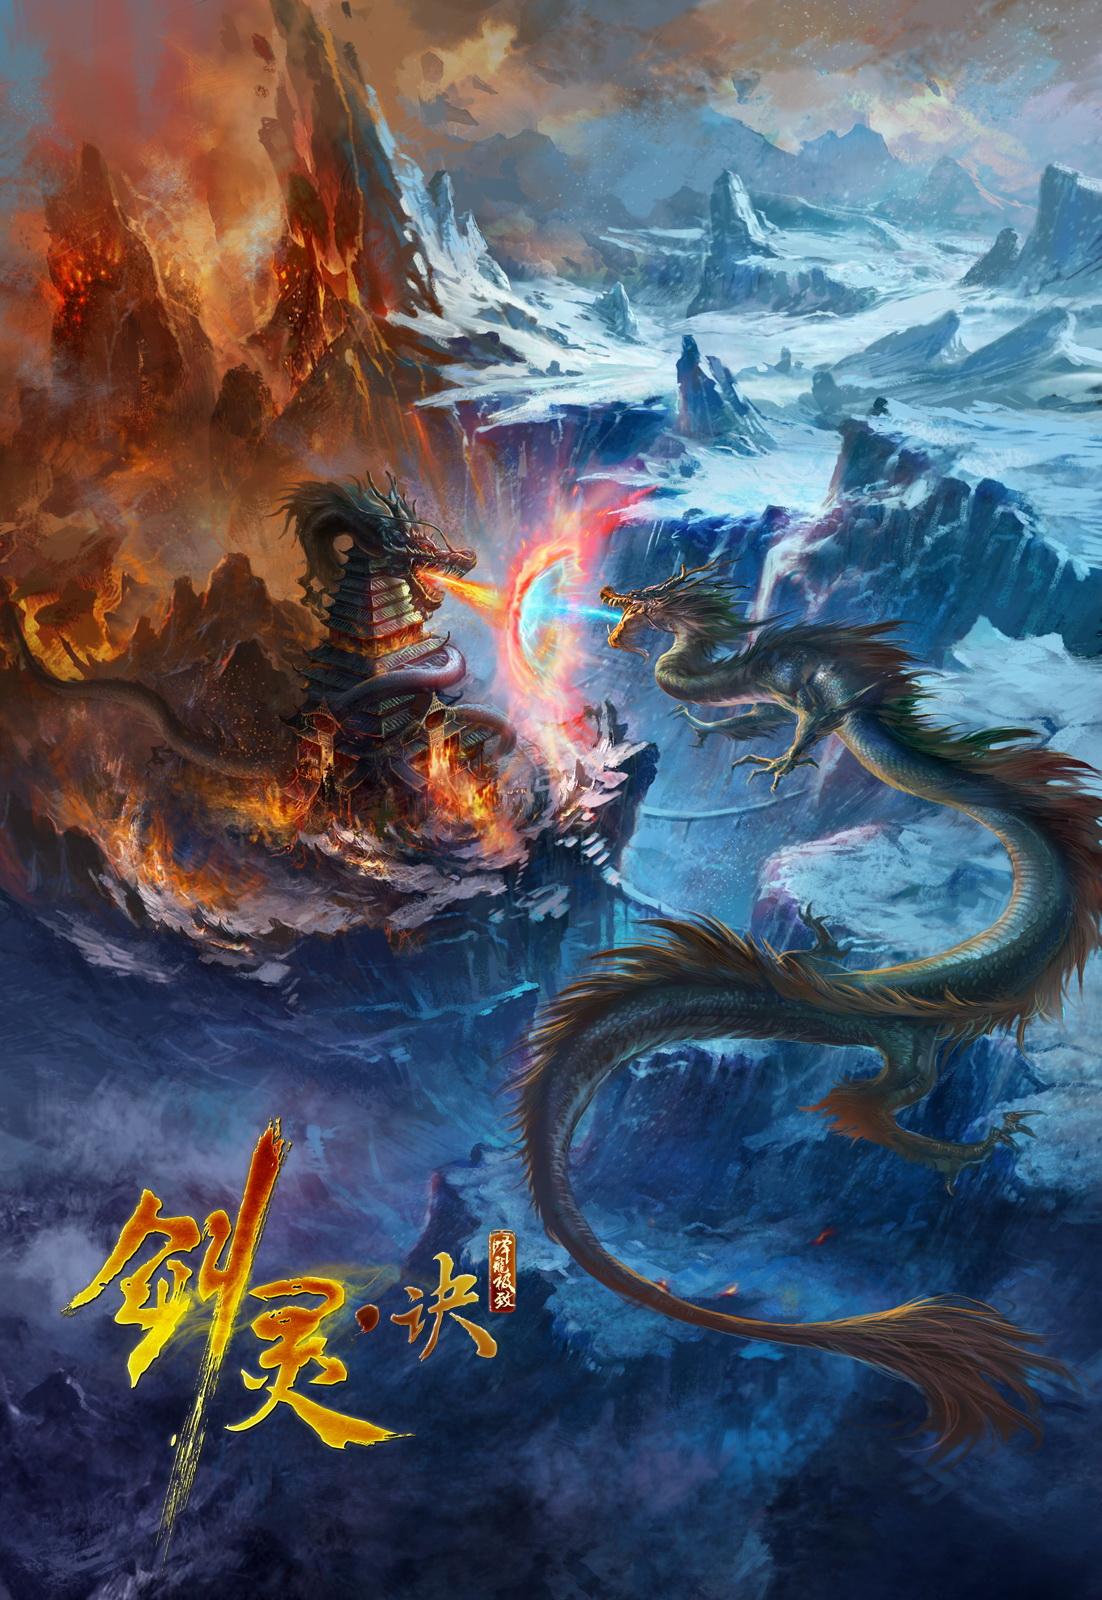 剑灵诀 《剑灵·诀》015 | 中华网游戏大全